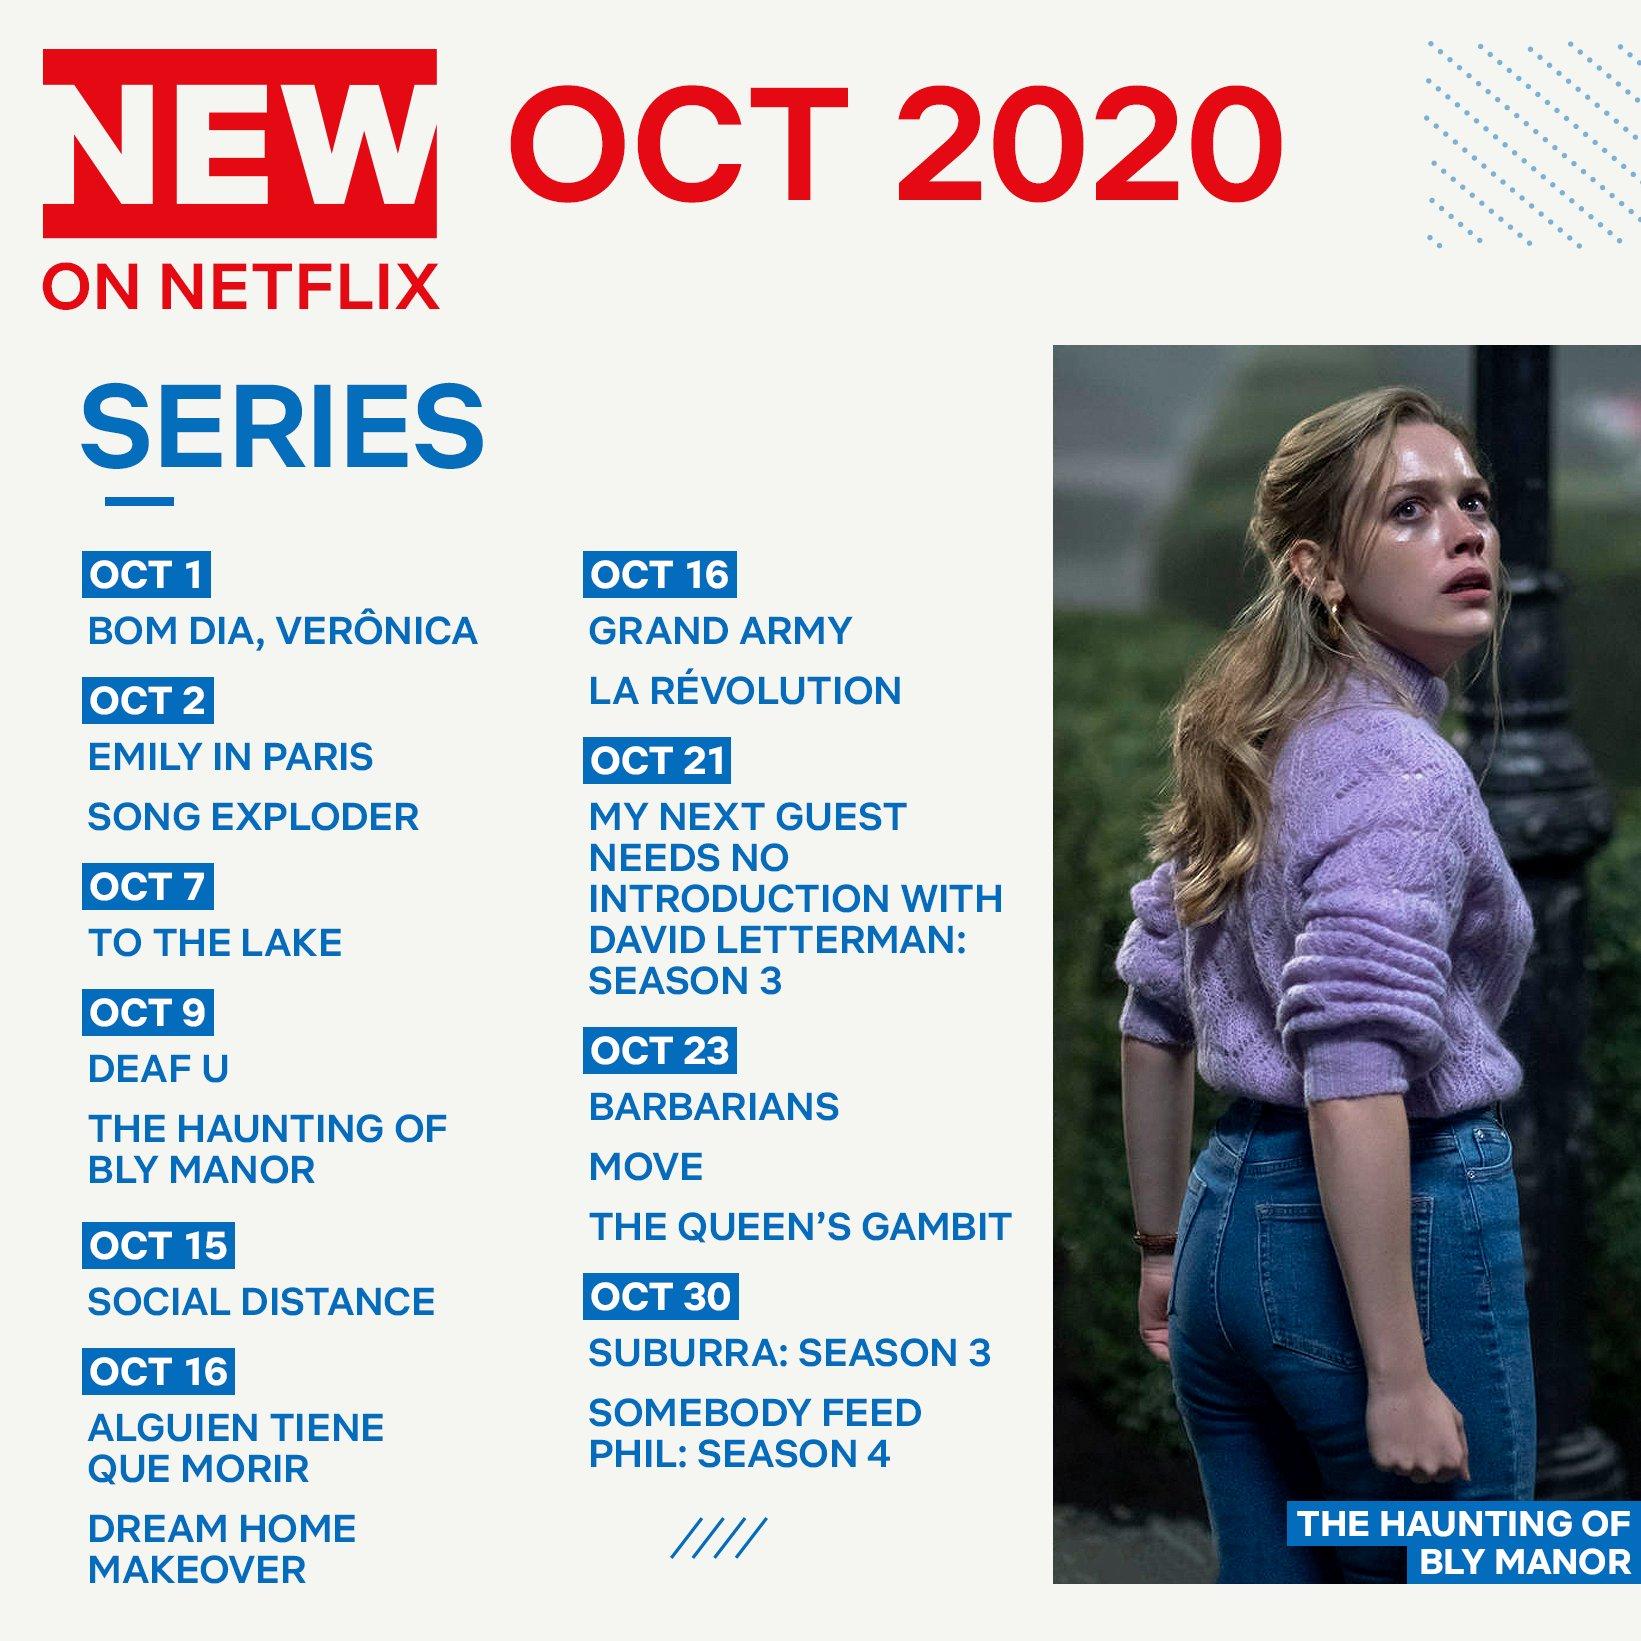 Οι νέες σειρές του Netflix για τον μήνα Οκτώβρη